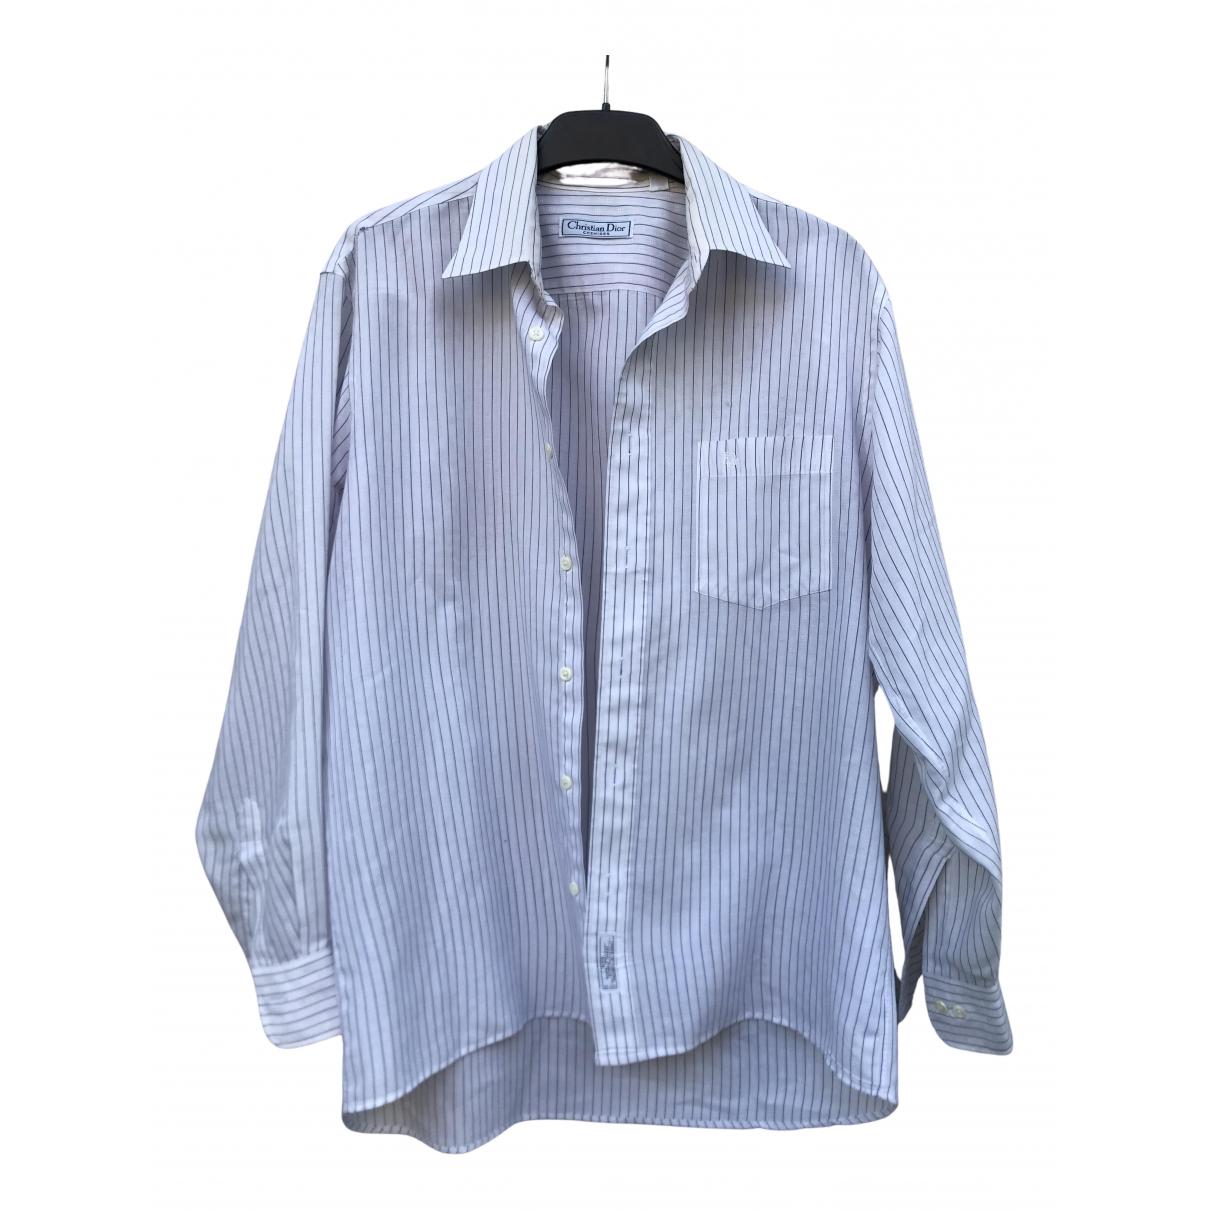 Dior \N Multicolour Shirts for Men 15.5 UK - US (tour de cou / collar)